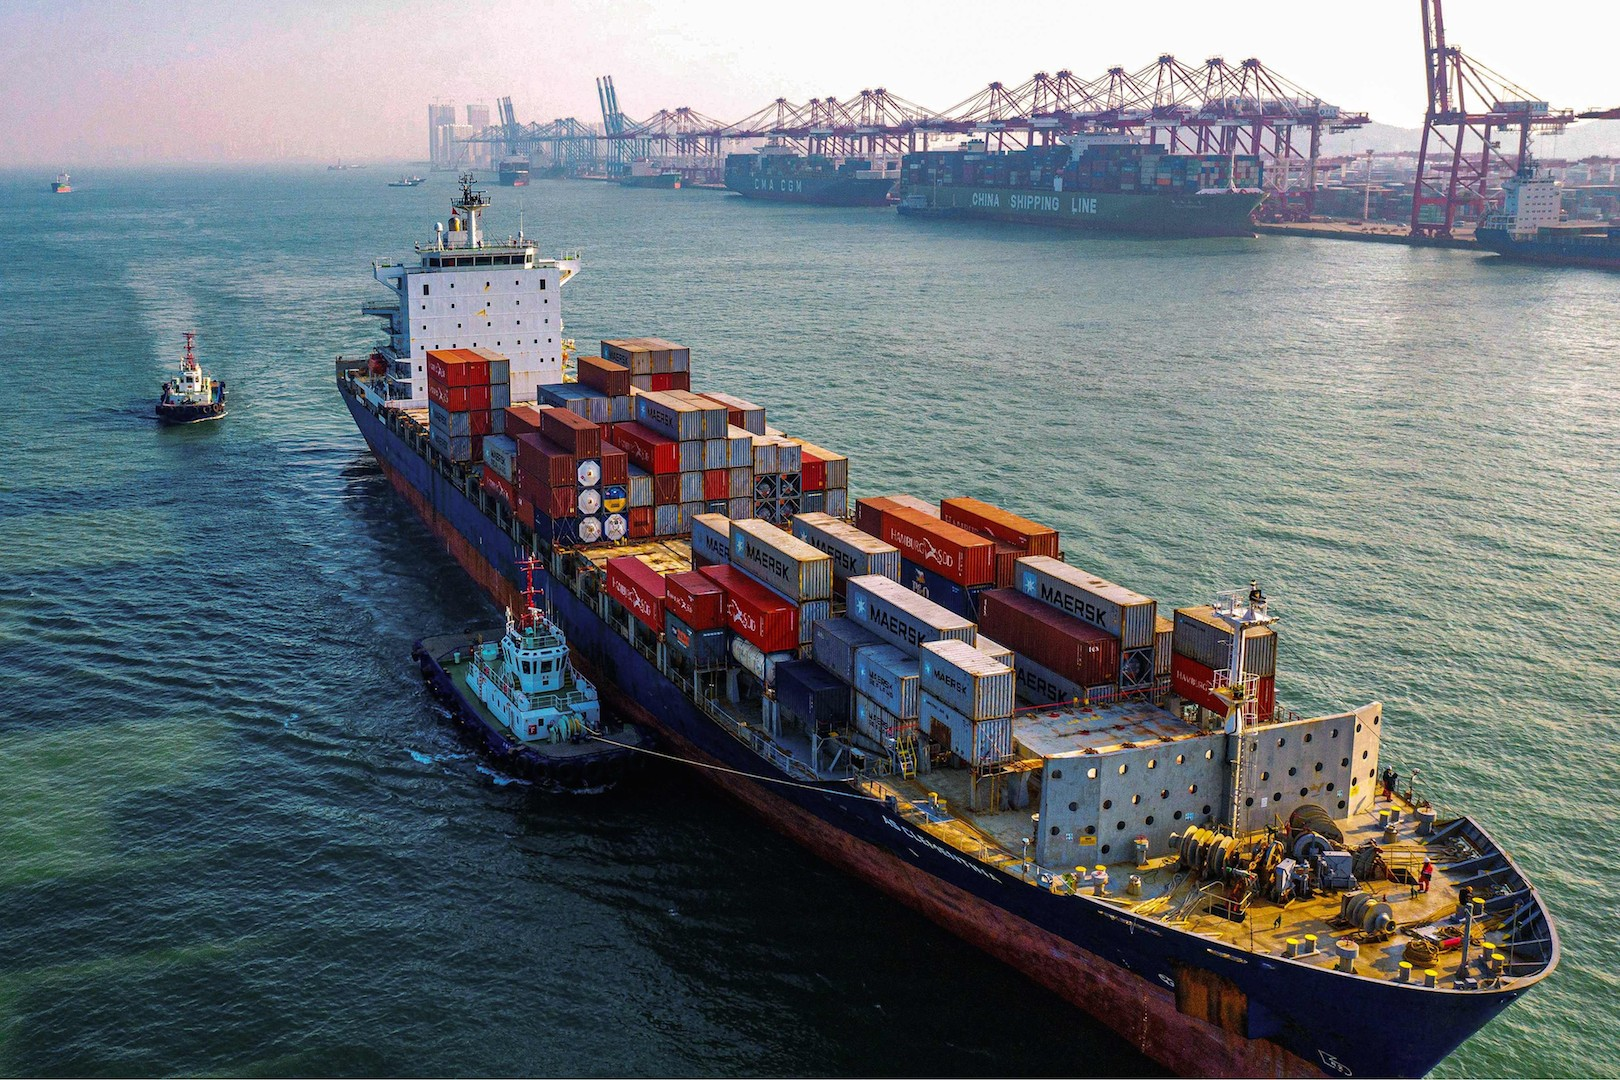 Un porte-conteneurs dans le port de Qingdao, dans la province chinoise du Shandong, le 14 janvier 2020. (Source : SCMP)